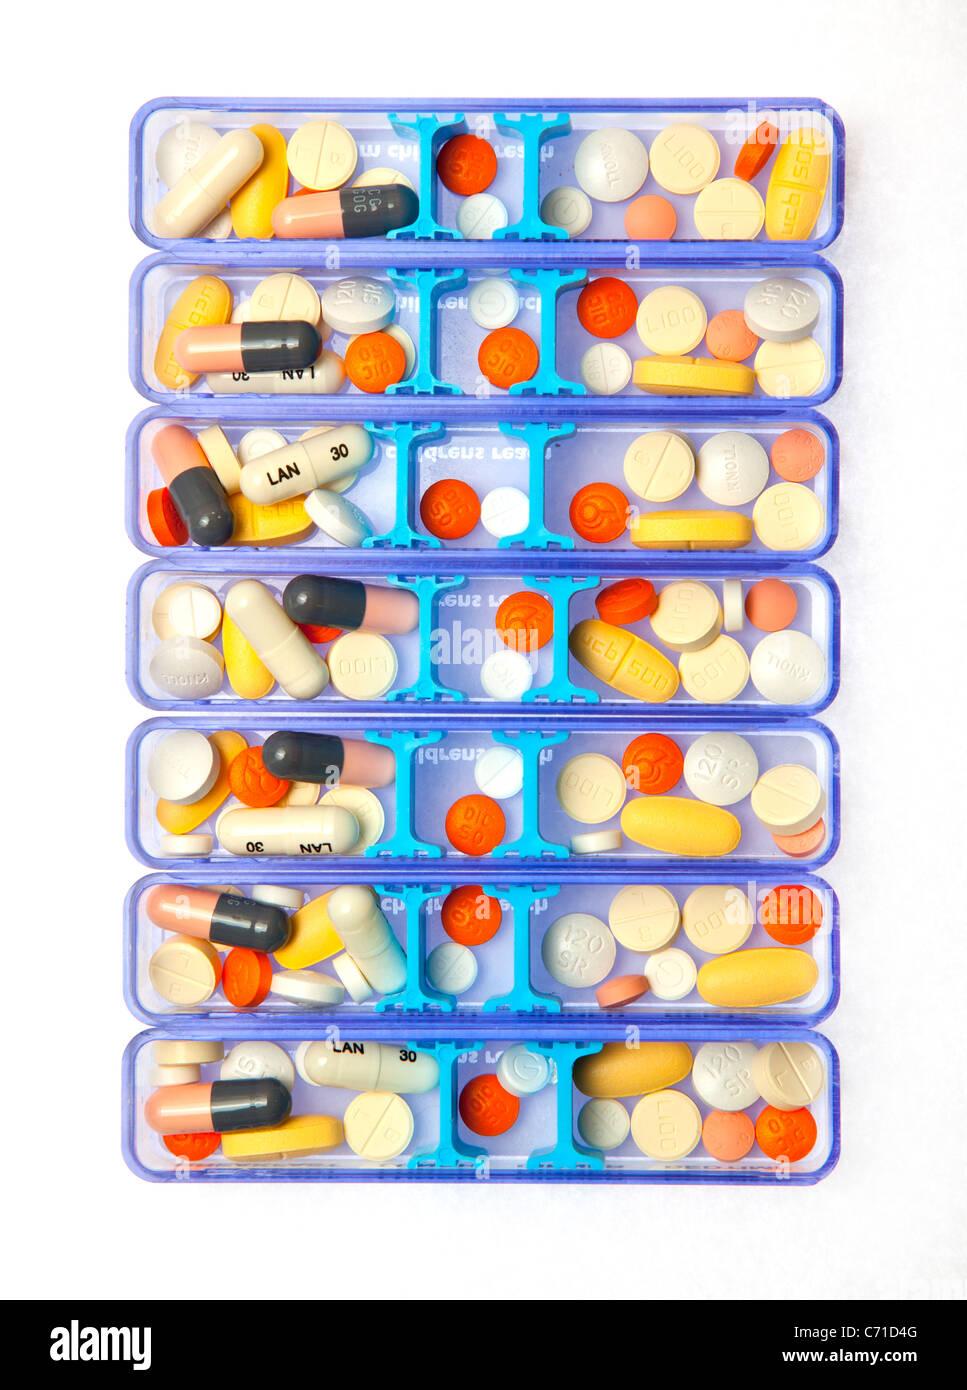 Les comprimés de médicaments dans un organisateur de sept jours Photo Stock